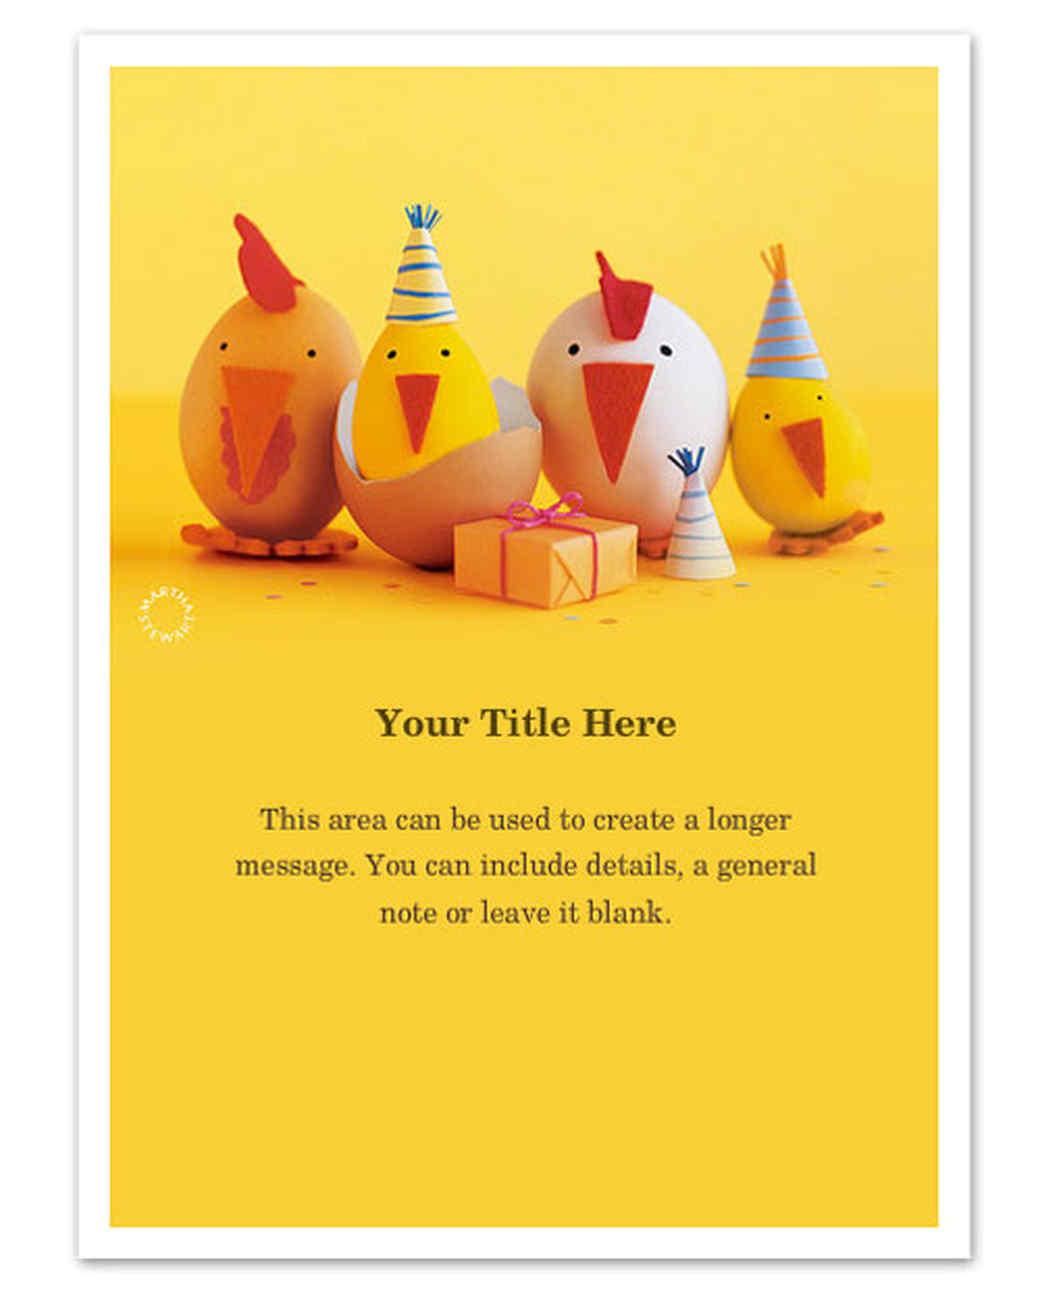 ping_eater_egg_chickens.jpg